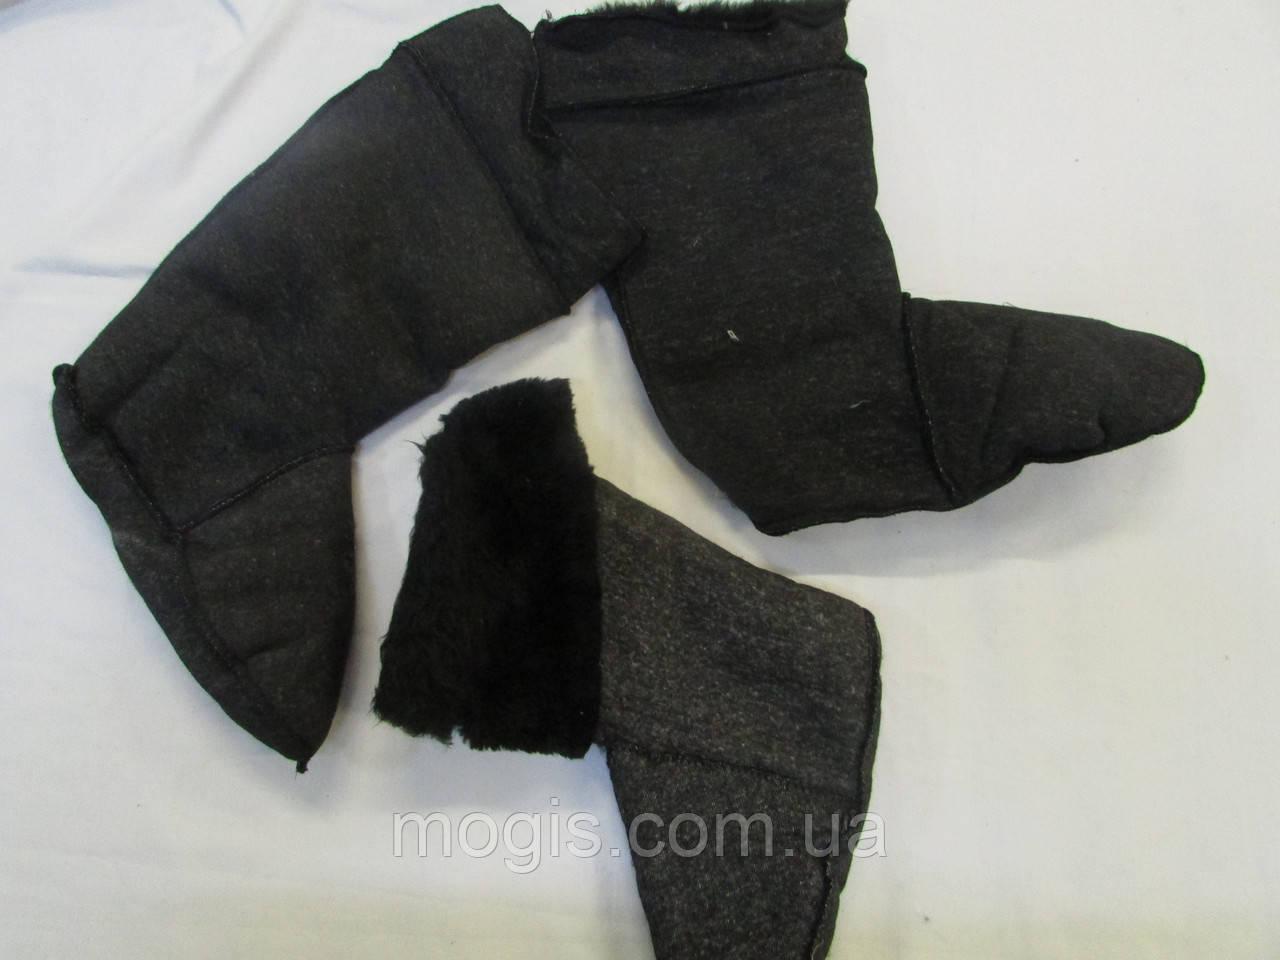 Меховая вставка в обувь(мутон) люкс